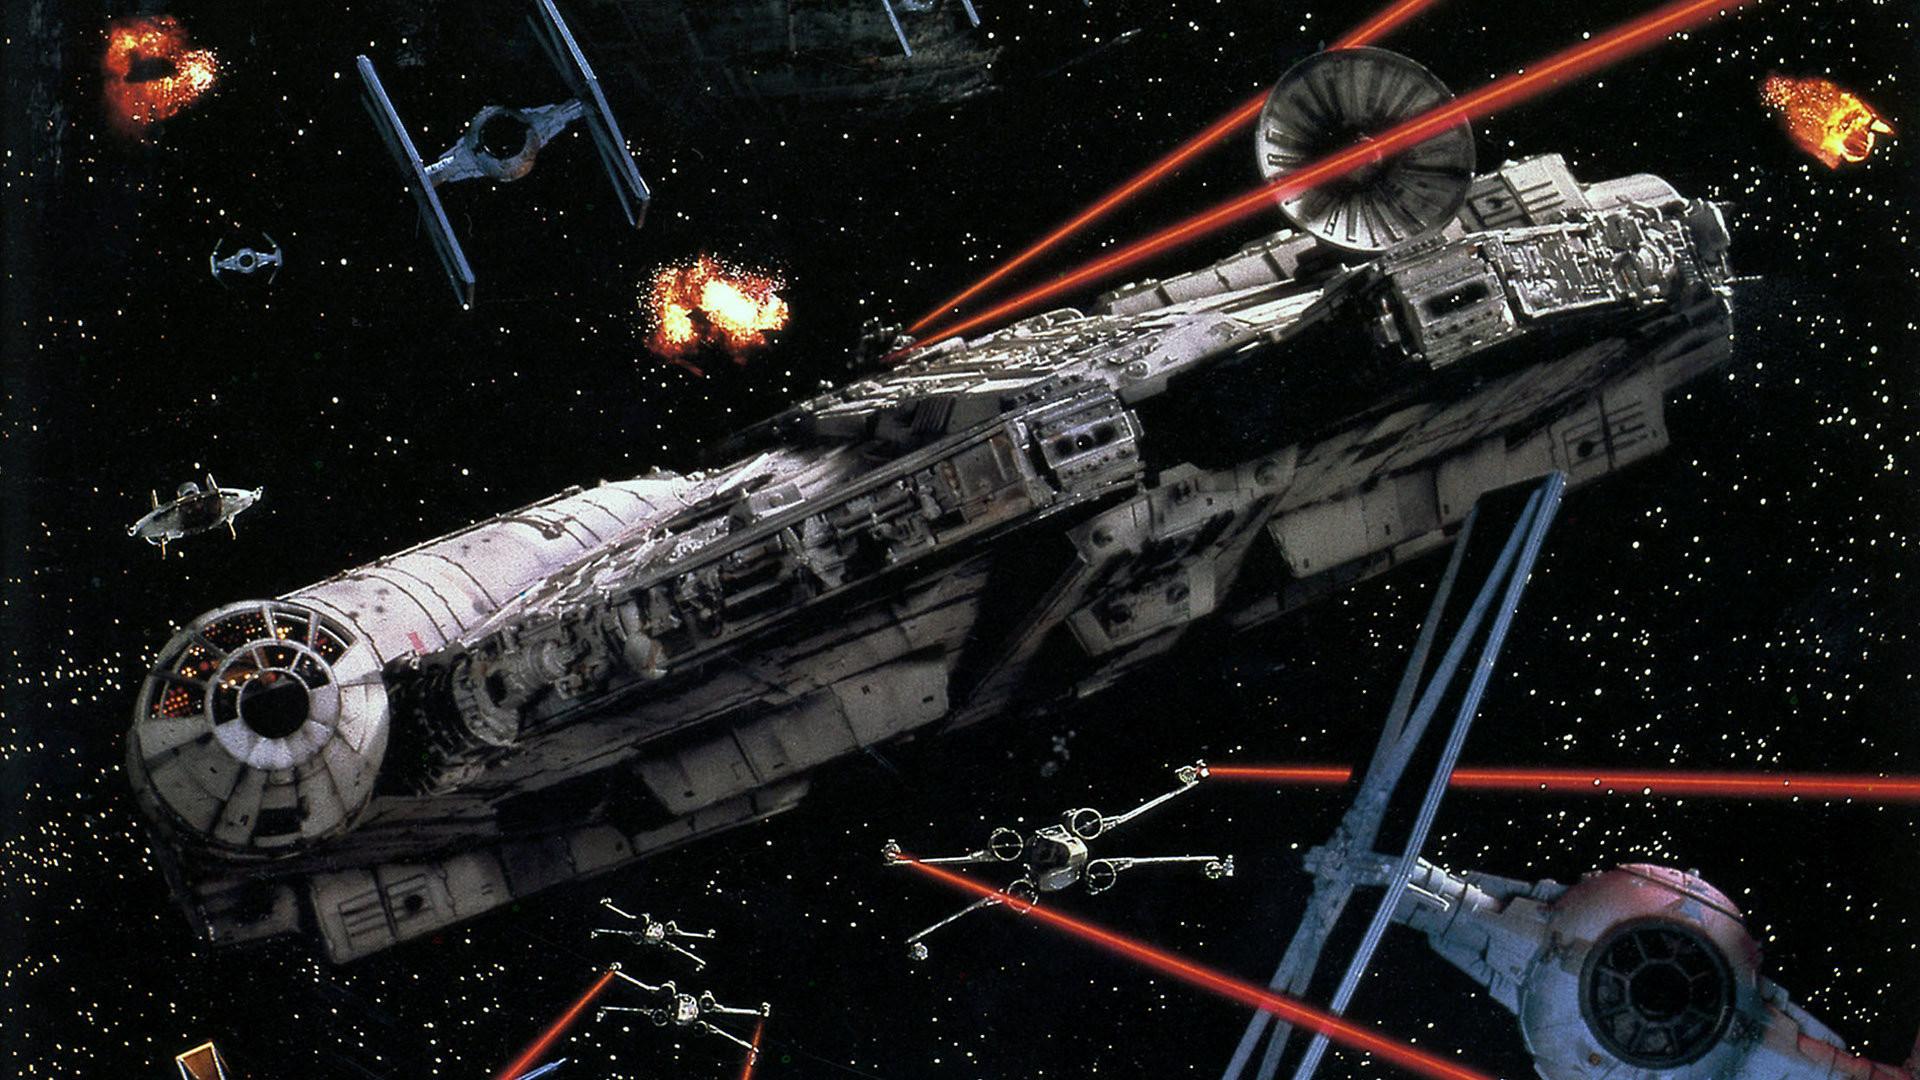 High Resolution Star Wars Ships Wallpaper Widescreen SiWallpaperHD 1920x1080